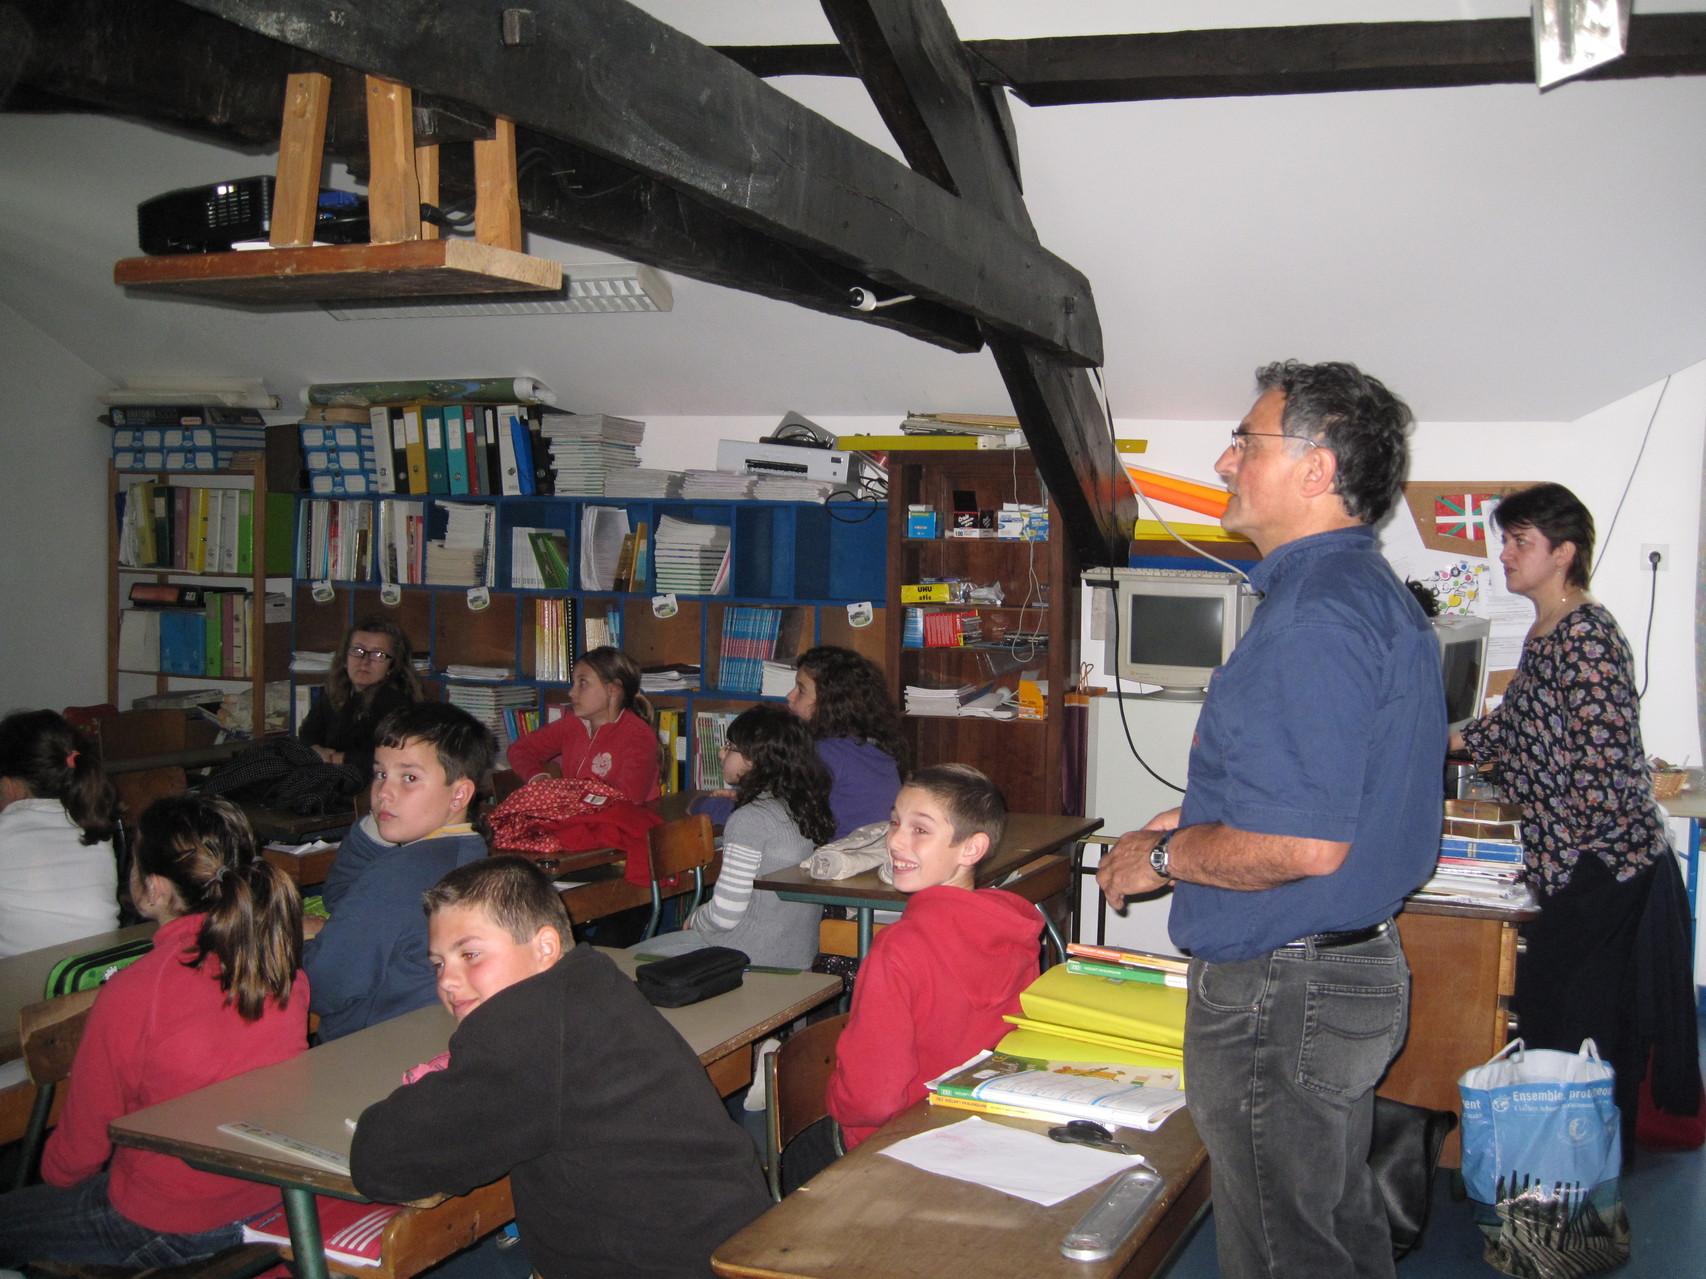 Présentation de la communauté Dalit à la classe de CM1-CM2 de Mizel Jorajuria à Saint-Pée-Sur-Nivelle - Avril 2012